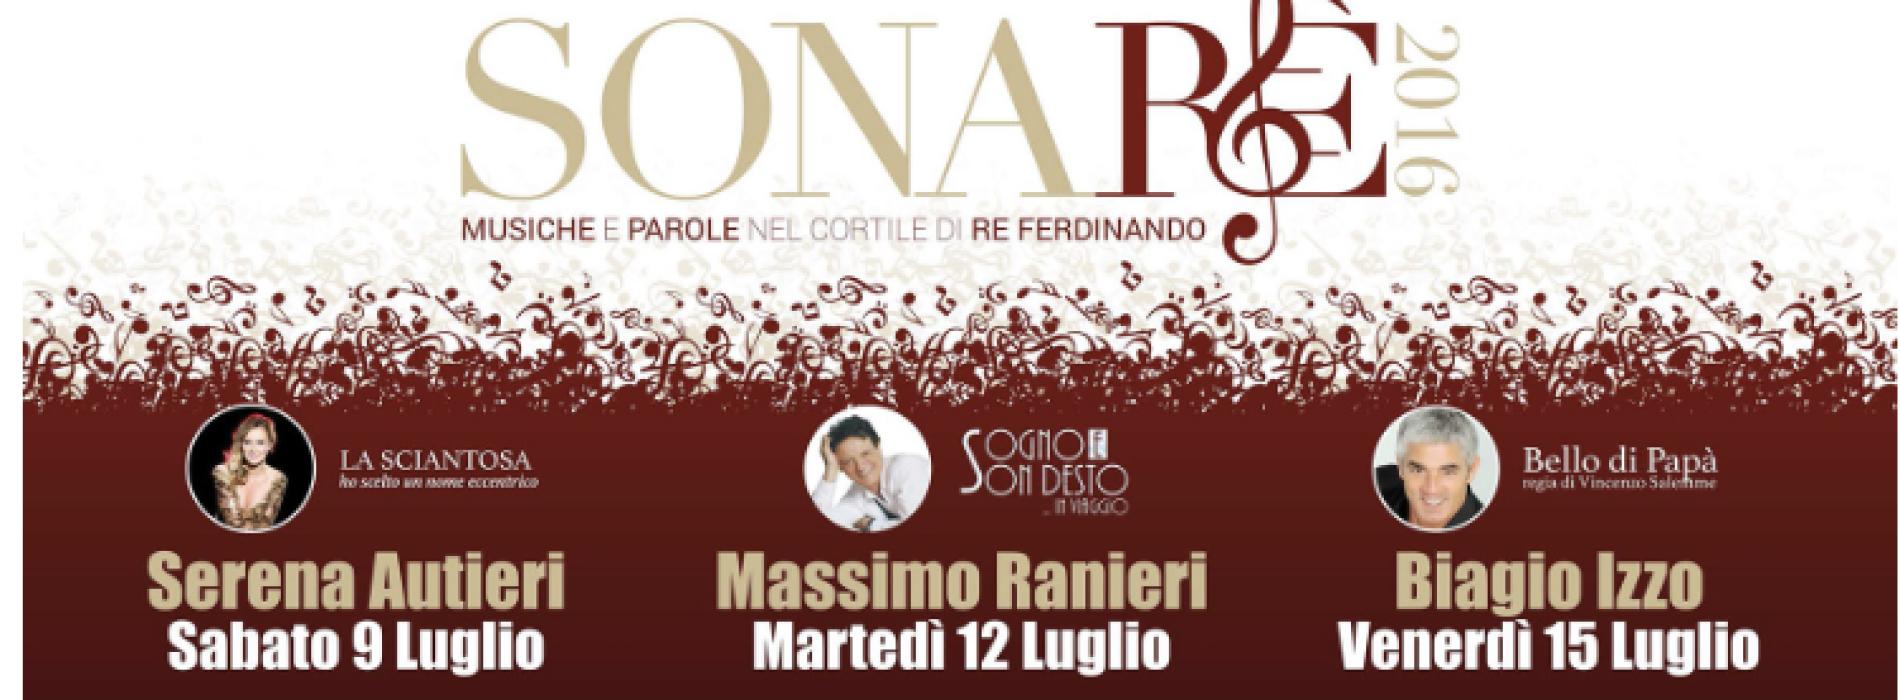 Sonarè Festival 2016. Musica e teatro al Belvedere di San Leucio